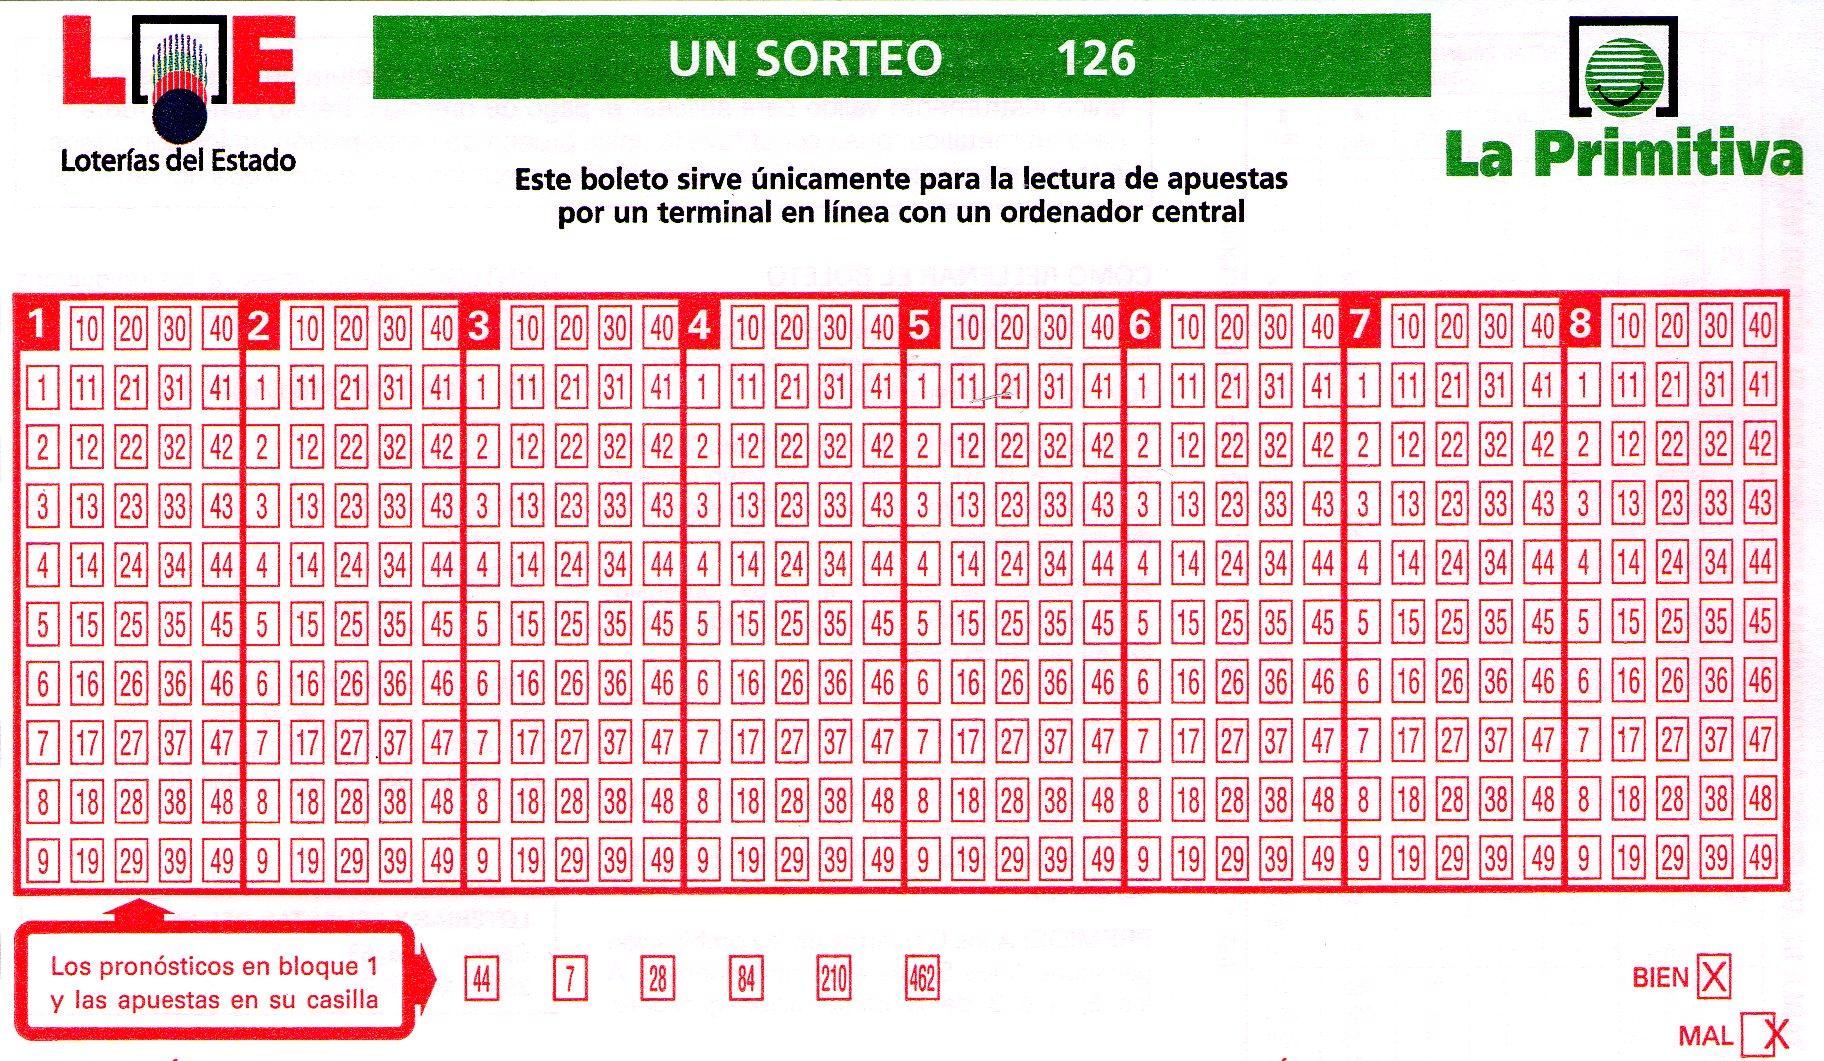 www primitiva com: